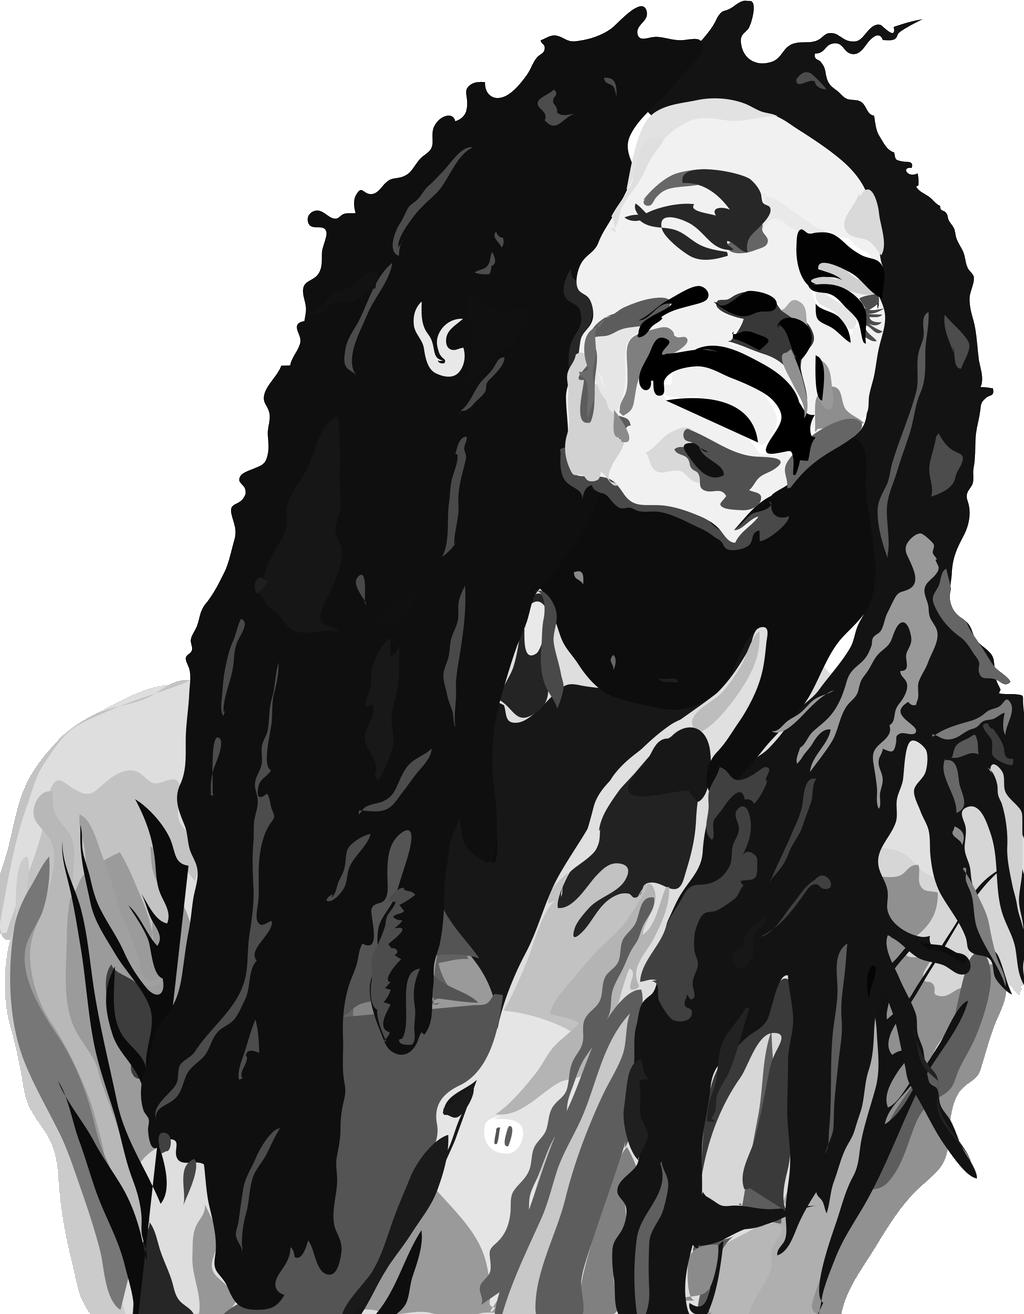 Bob Marley Png Image Bob Marley Poster Bob Marley Marley